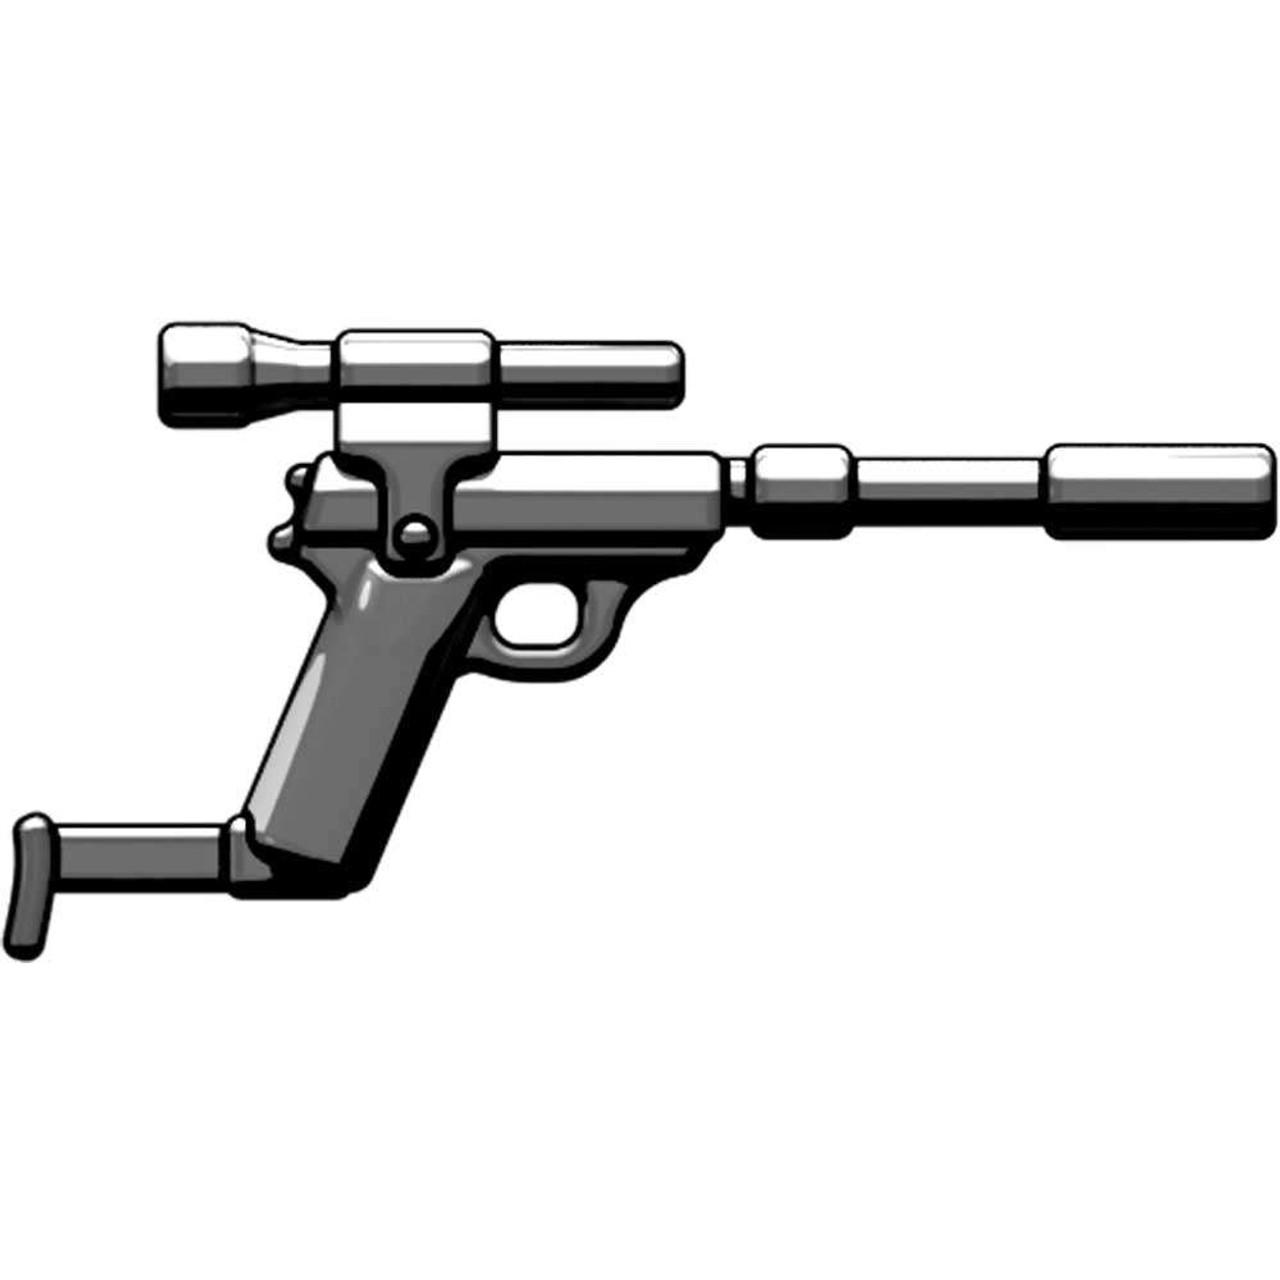 BrickArms Weapons Spy Carbine 2.5-Inch [Gunmetal]